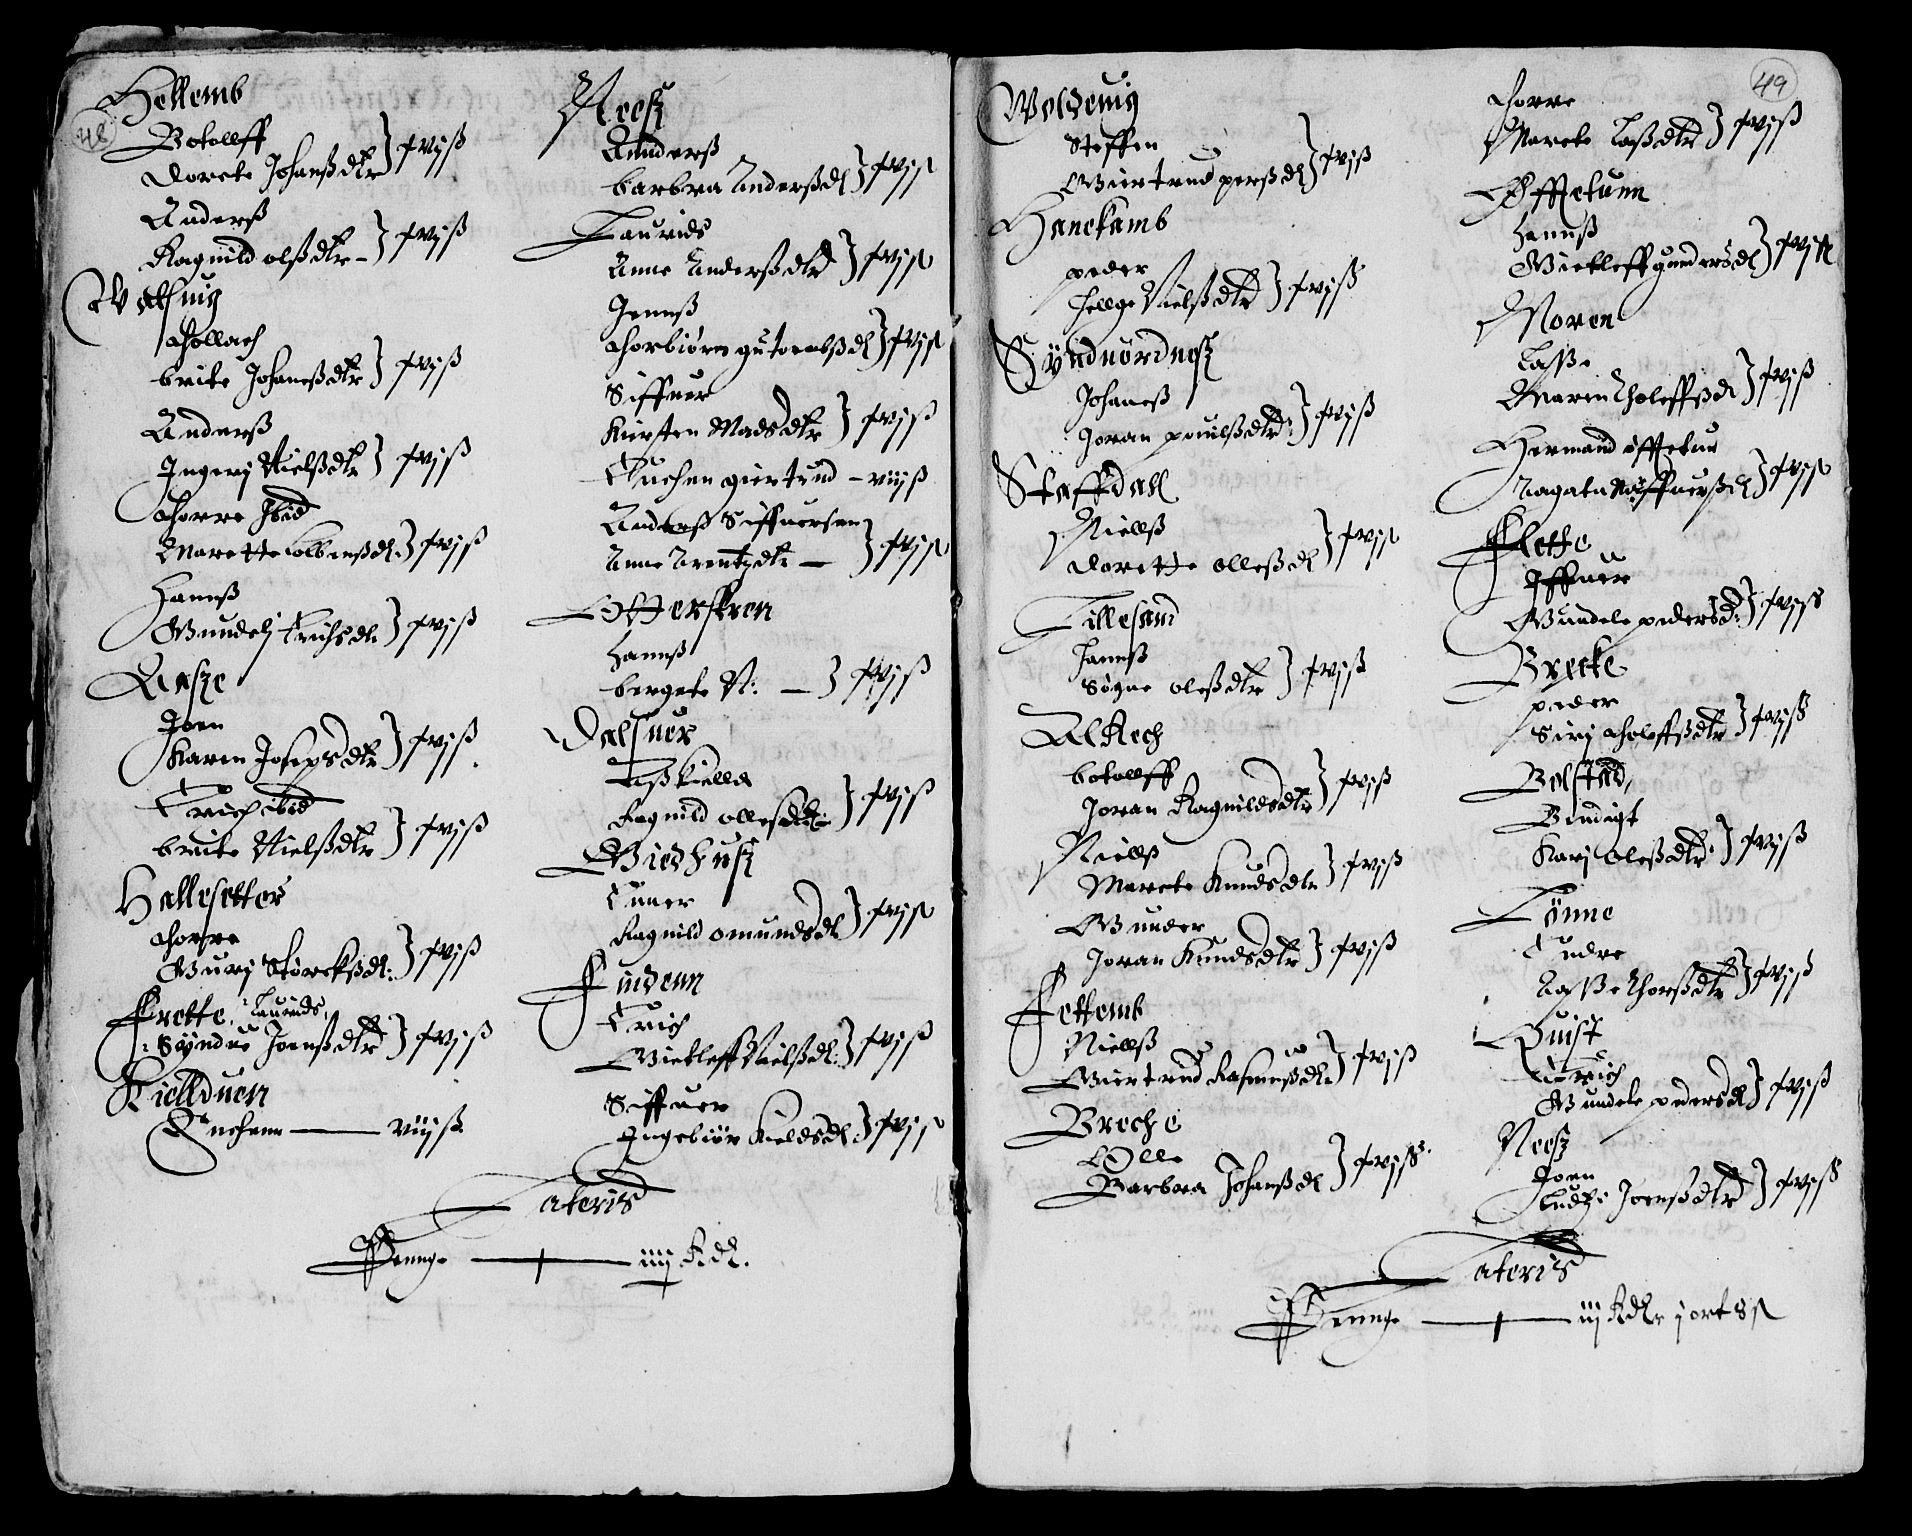 RA, Rentekammeret inntil 1814, Reviderte regnskaper, Lensregnskaper, R/Rb/Rbt/L0103: Bergenhus len, 1643-1647